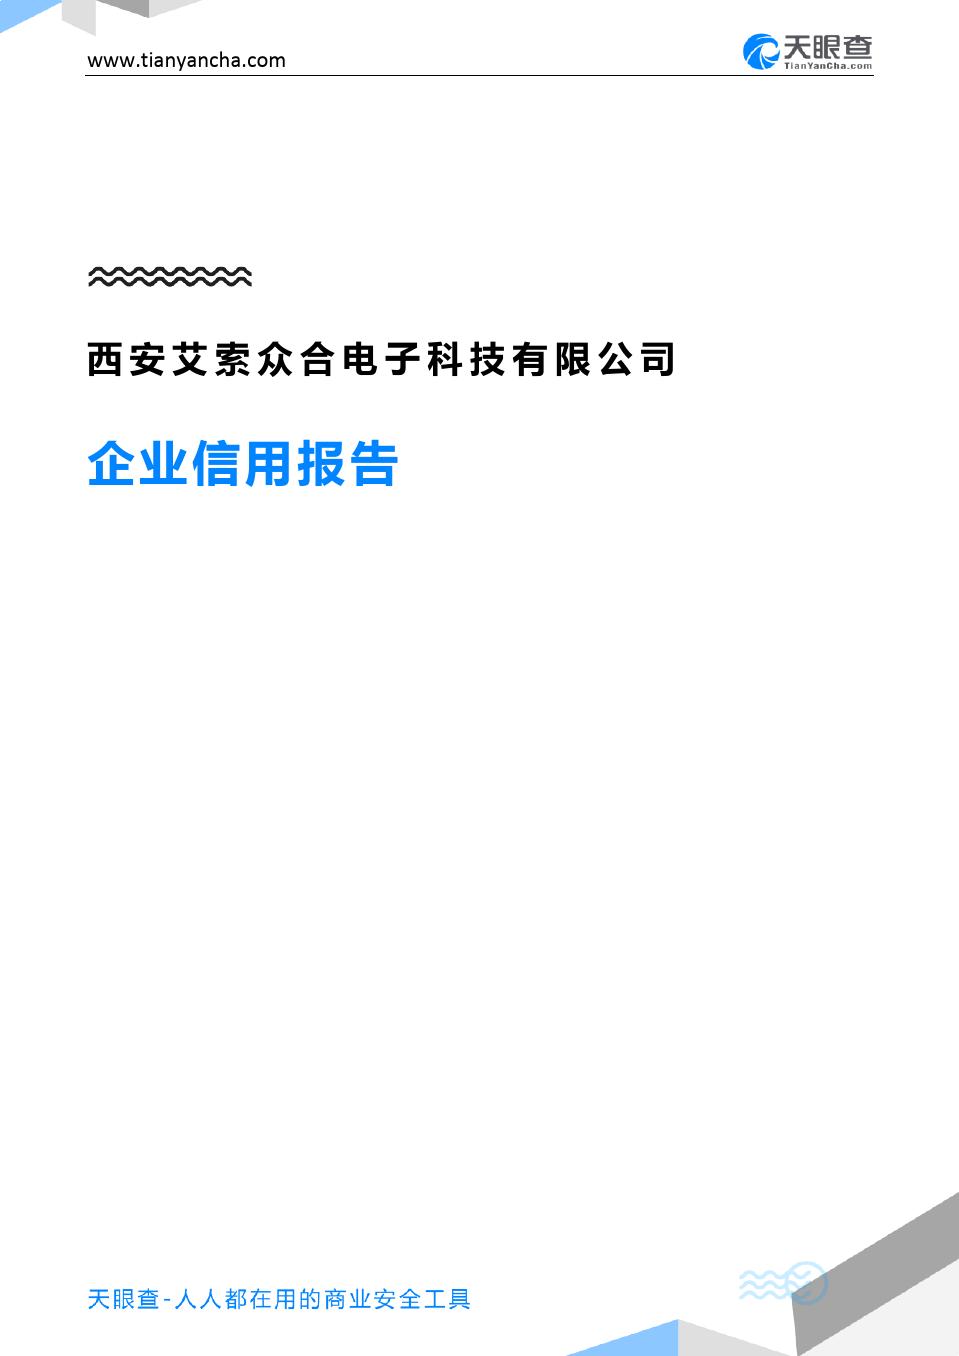 西安艾索众合电子科技有限公司(企业信用报告)- 天眼查